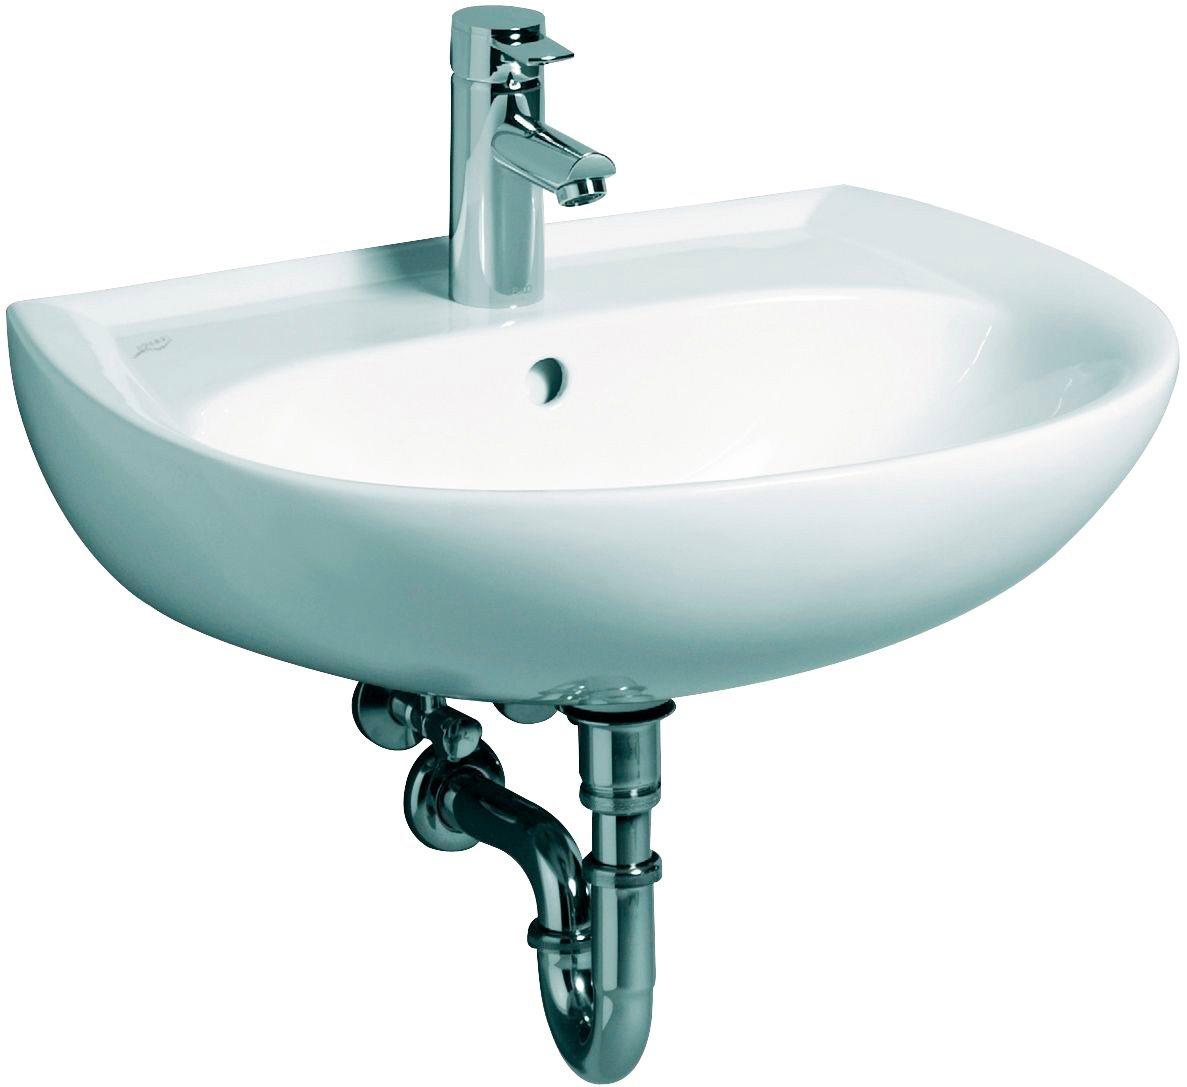 KERAMAG Waschbecken »Renova Nr. 1«, Breite 60 cm, mit Kera-Tect®   Bad > Waschbecken   KERAMAG